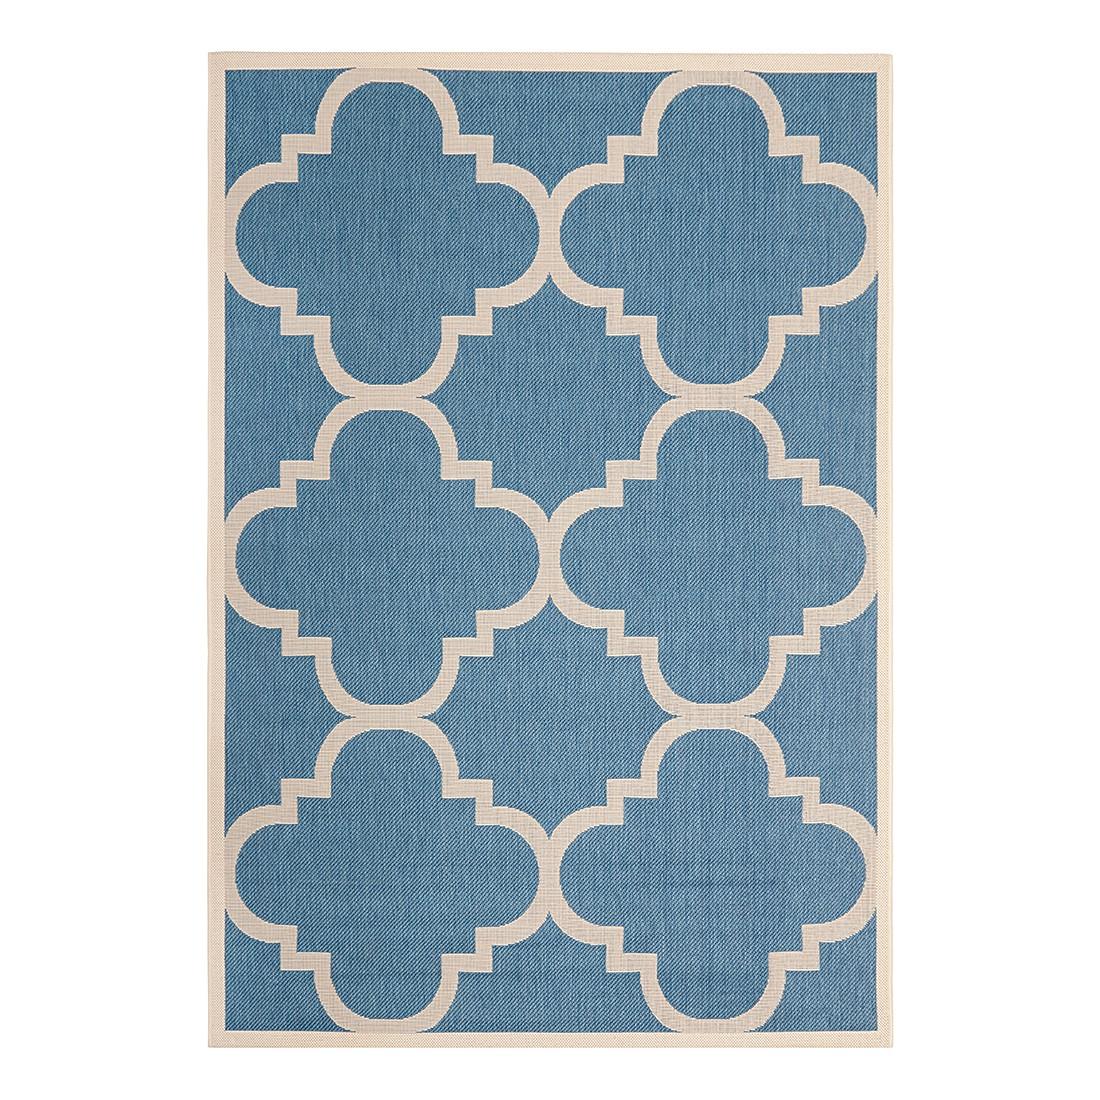 In-/Outdoorteppich Mali – Blau/Beige – Maße: 121 x 170 cm, Safavieh bestellen